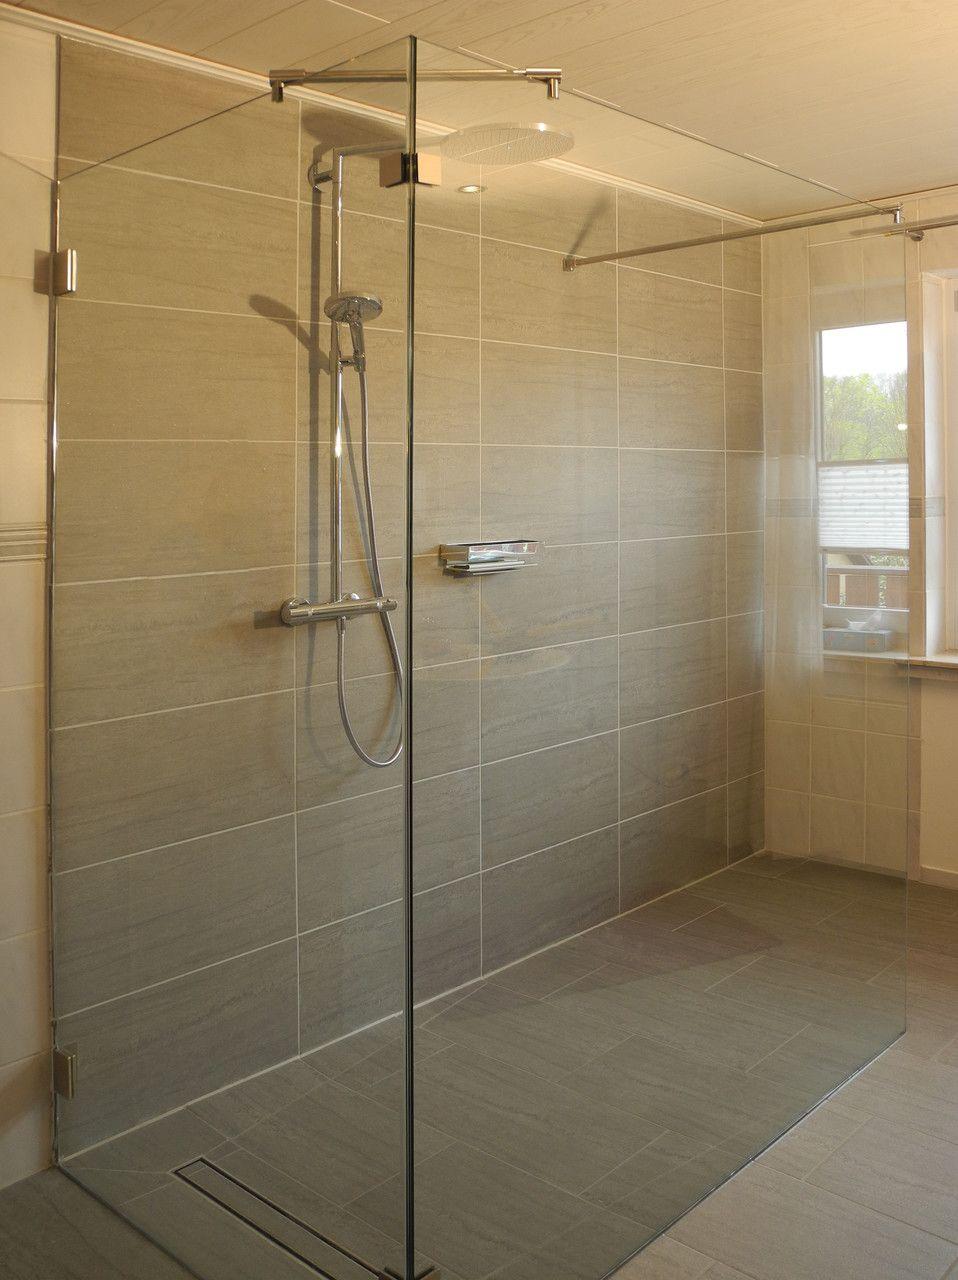 Full Size of Dusche Kaufen Bodengleiche Eckeinstieg Amerikanische Küche Siphon Regale Begehbare Fliesen Einbauküche Fenster In Polen Badewanne Mit Tür Und Bodenebene Dusche Dusche Kaufen